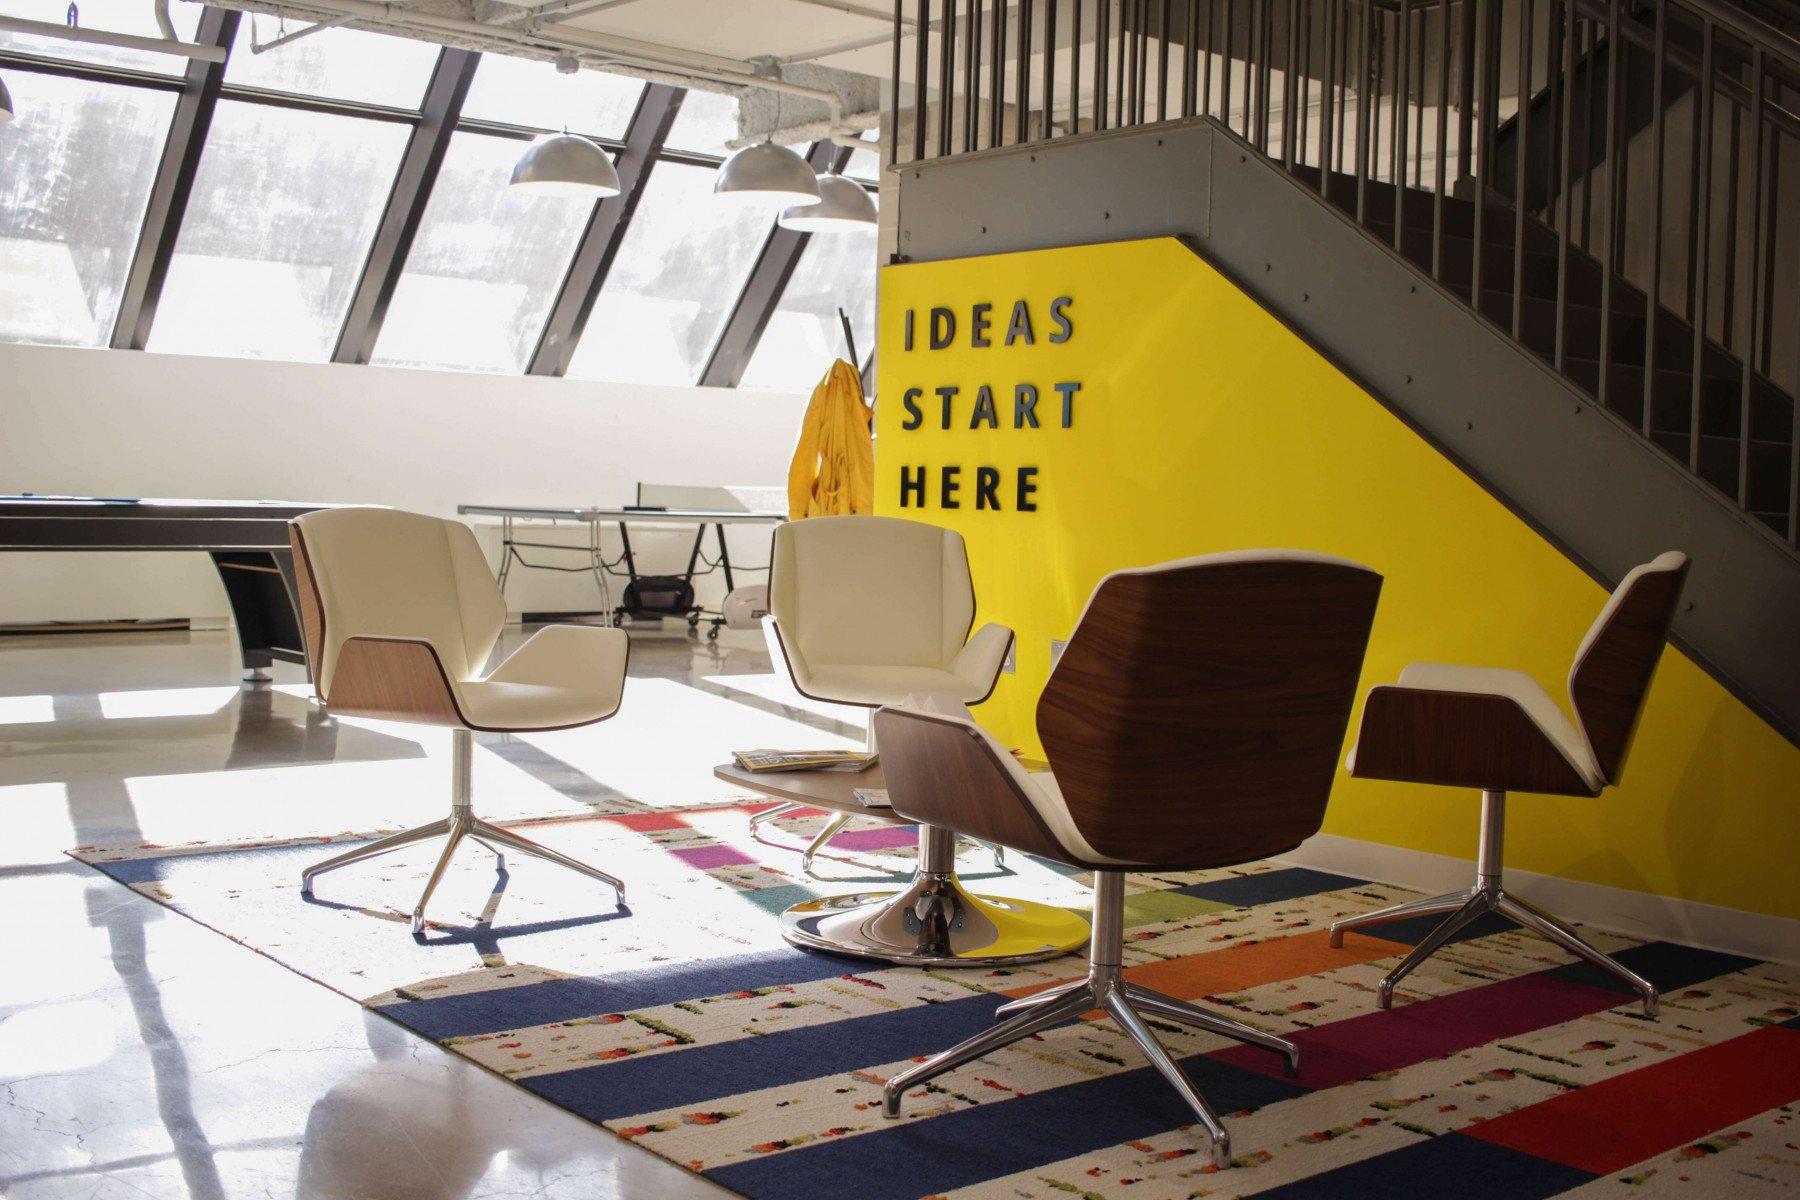 Investera i start-ups kan vara en risk. Du får smarta tips för investering i start-ups. Håll koll på bolånetech-branschen.